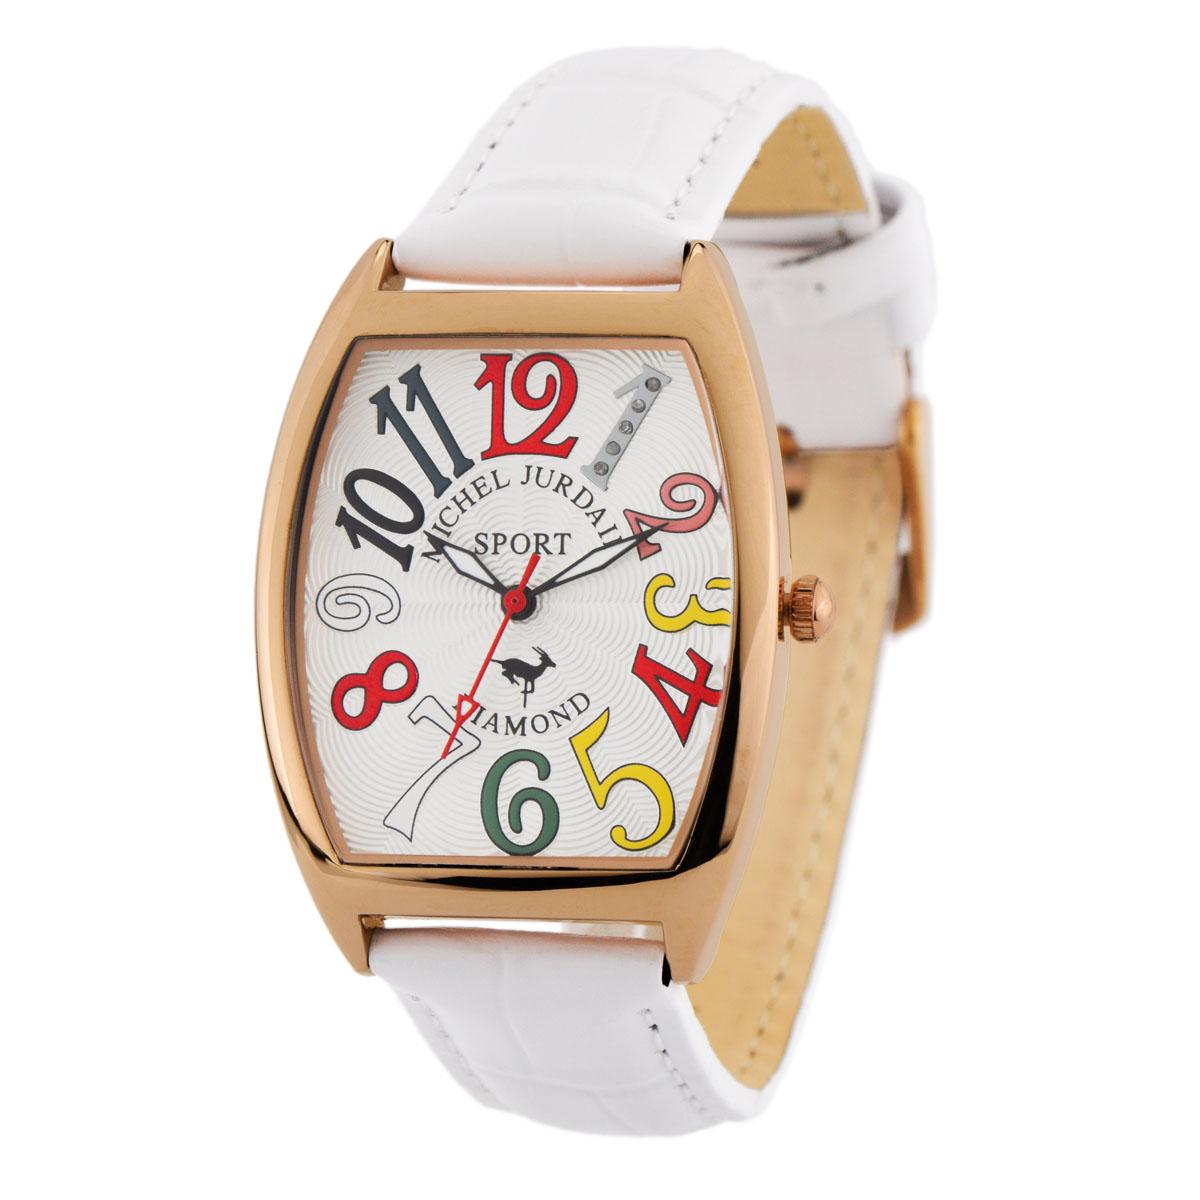 ミッシェル・ジョルダン MICHEL JURDAIN トノー型ダイヤモンド SG-1100-5 ユニセックス 時計 腕時計 クオーツ